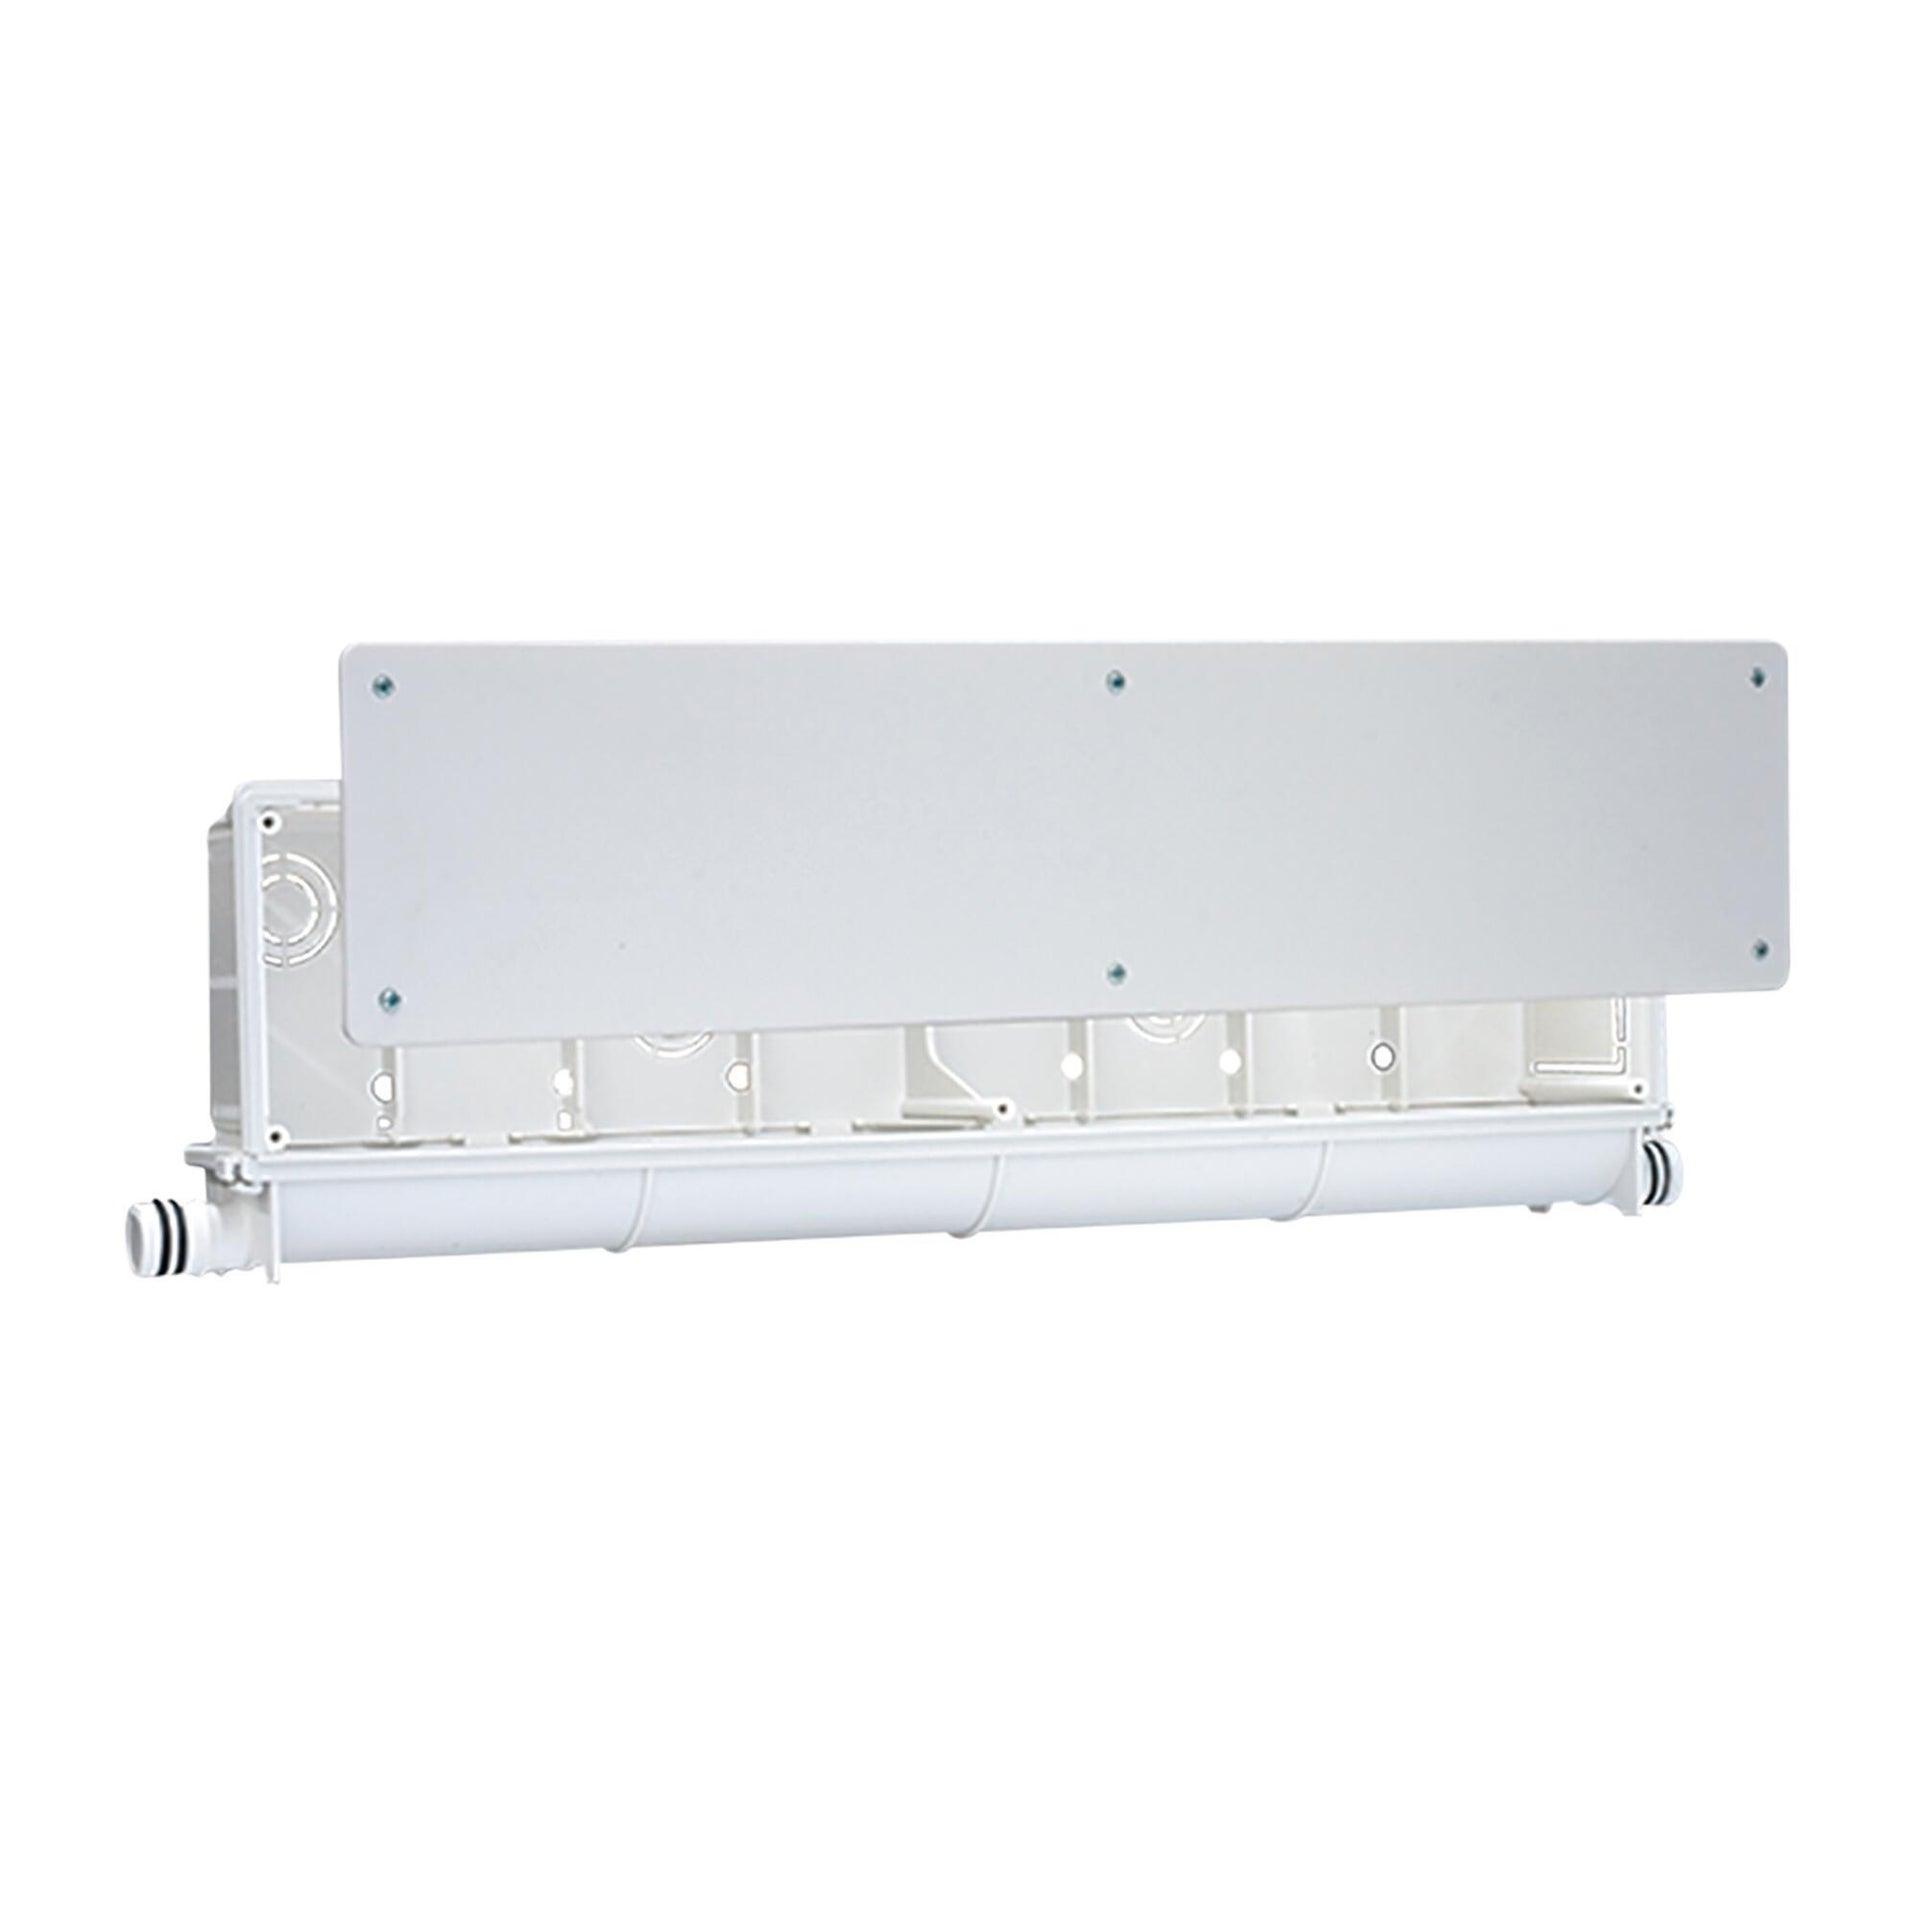 Scatola predisposizione climatizzatore 13 x 6.5 x 43 cm - 2